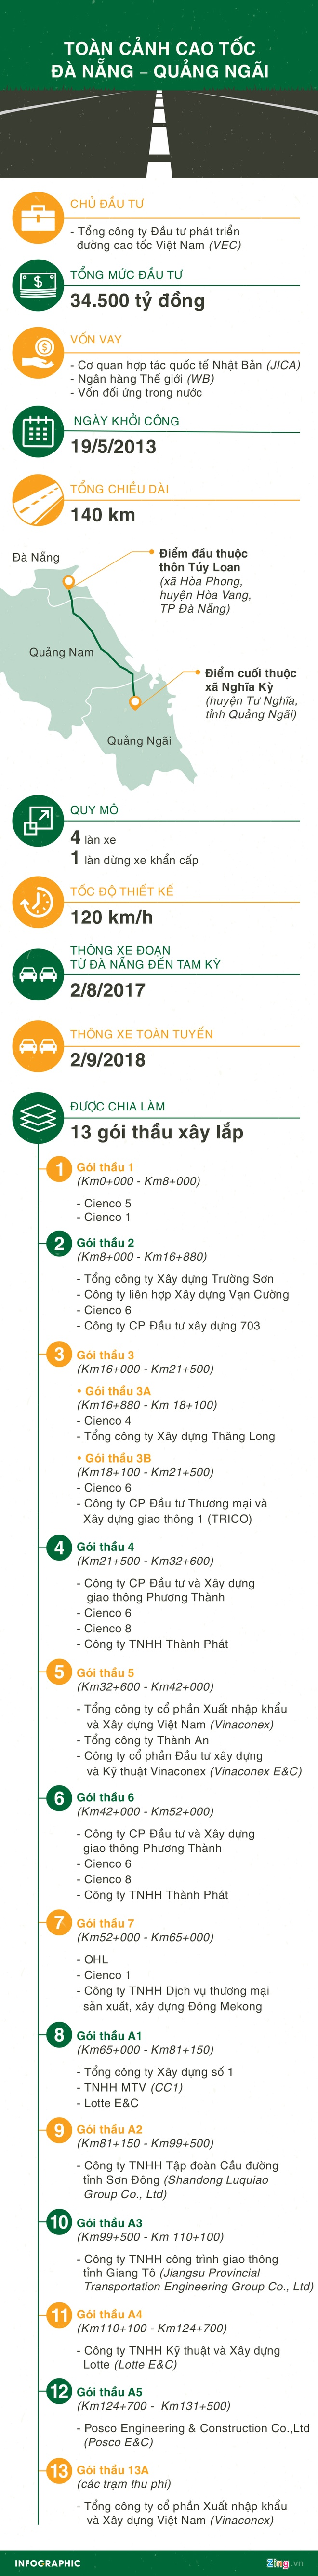 Duong coa toc Da Nang hu hong anh 4